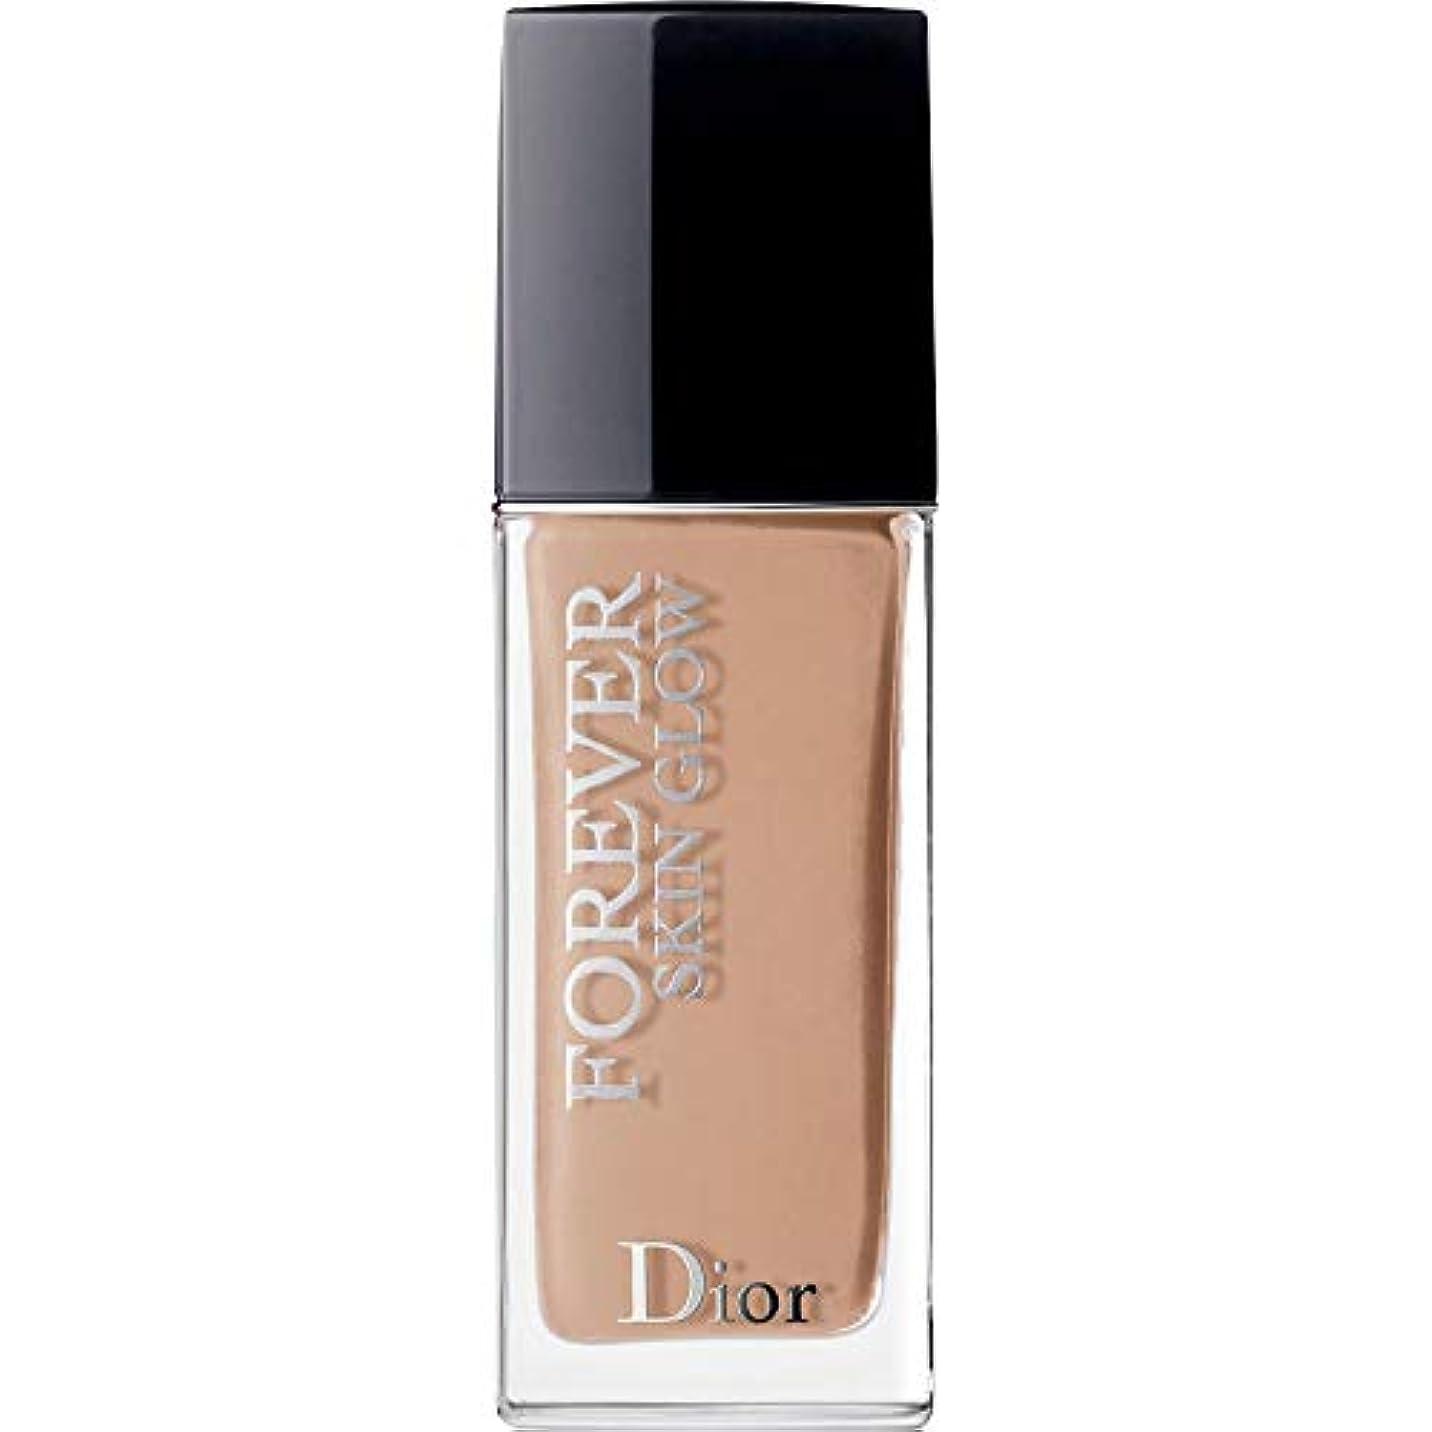 マイルド証人熟読する[Dior ] ディオール永遠に皮膚グロー皮膚思いやりの基礎Spf35 30ミリリットル4Cを - クール(肌の輝き) - DIOR Forever Skin Glow Skin-Caring Foundation SPF35...